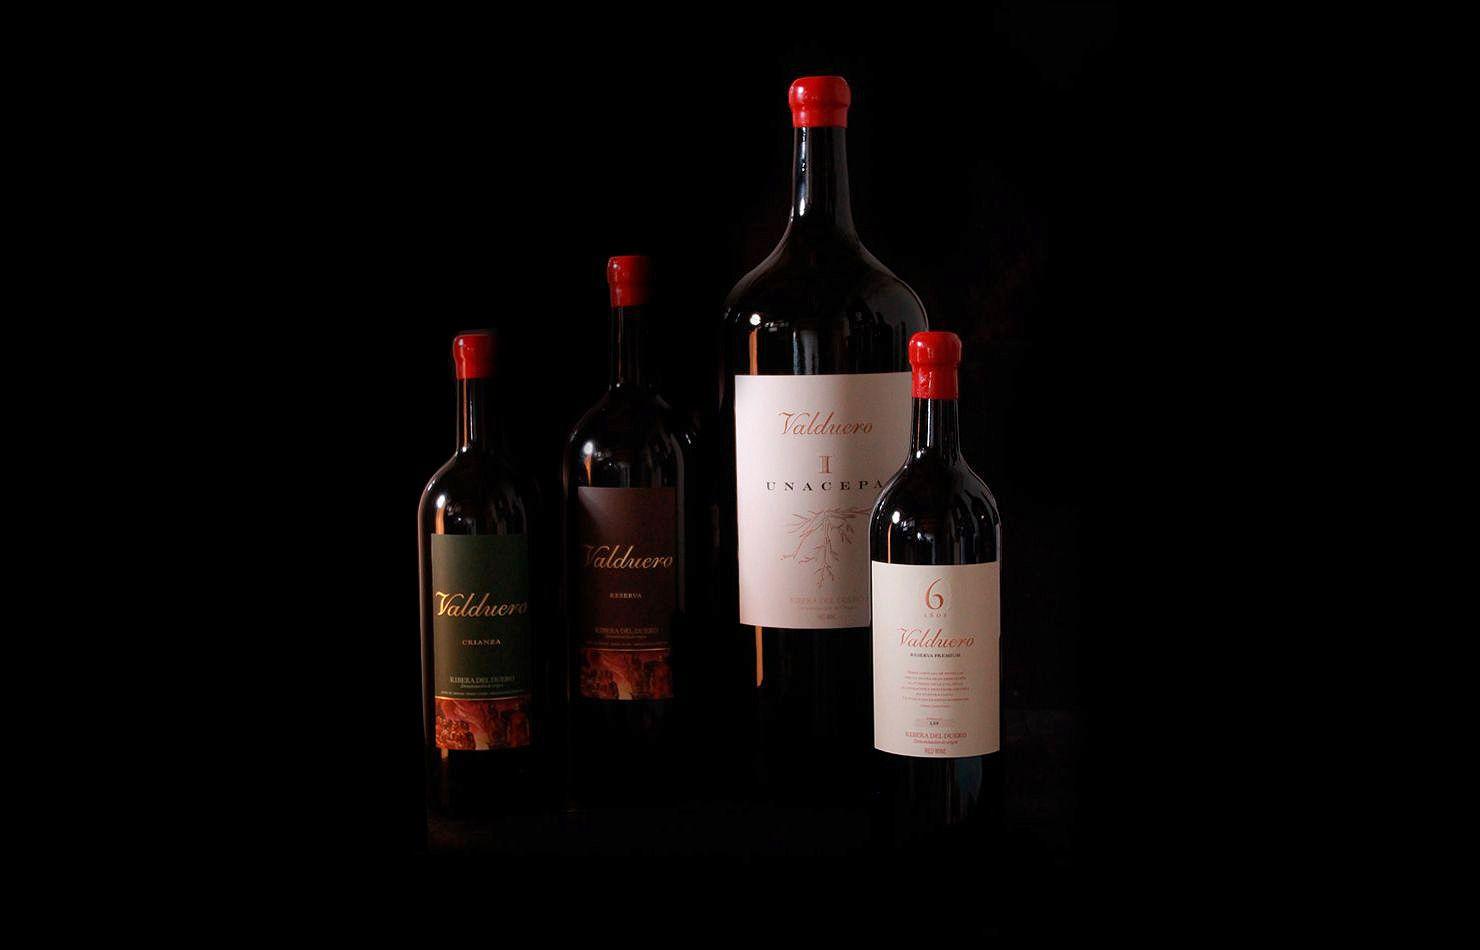 Diferentes tamaños de las botellas de vinos Valduero